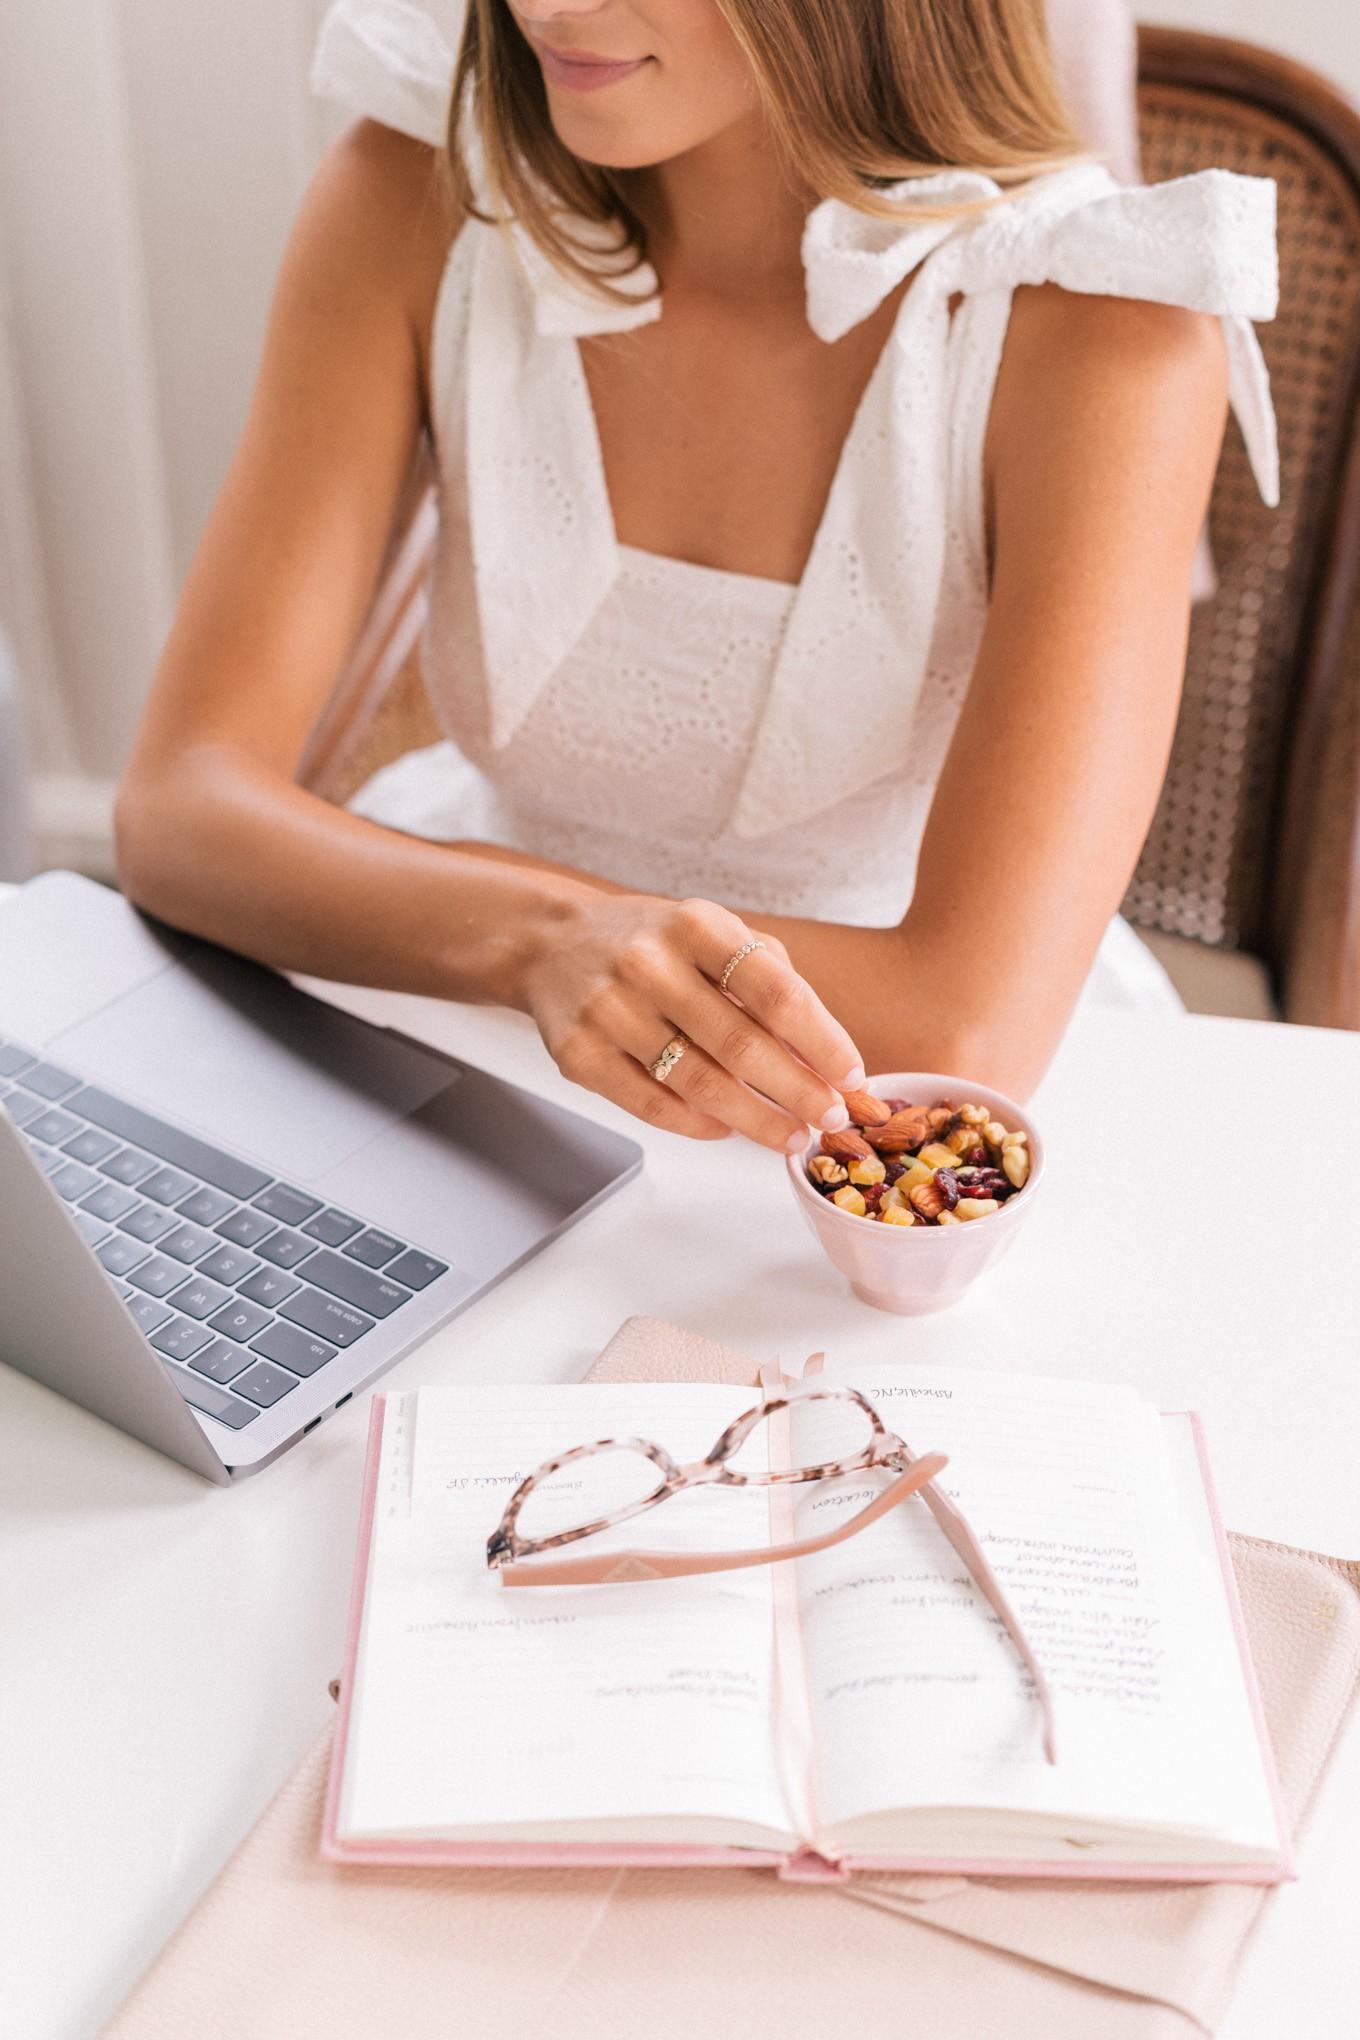 Chị em văn phòng chỉ ngồi ăn cũng giảm được cân: Cảm thấy khó tin tức là bạn chưa biết đến 9 món ăn vặt này rồi 1